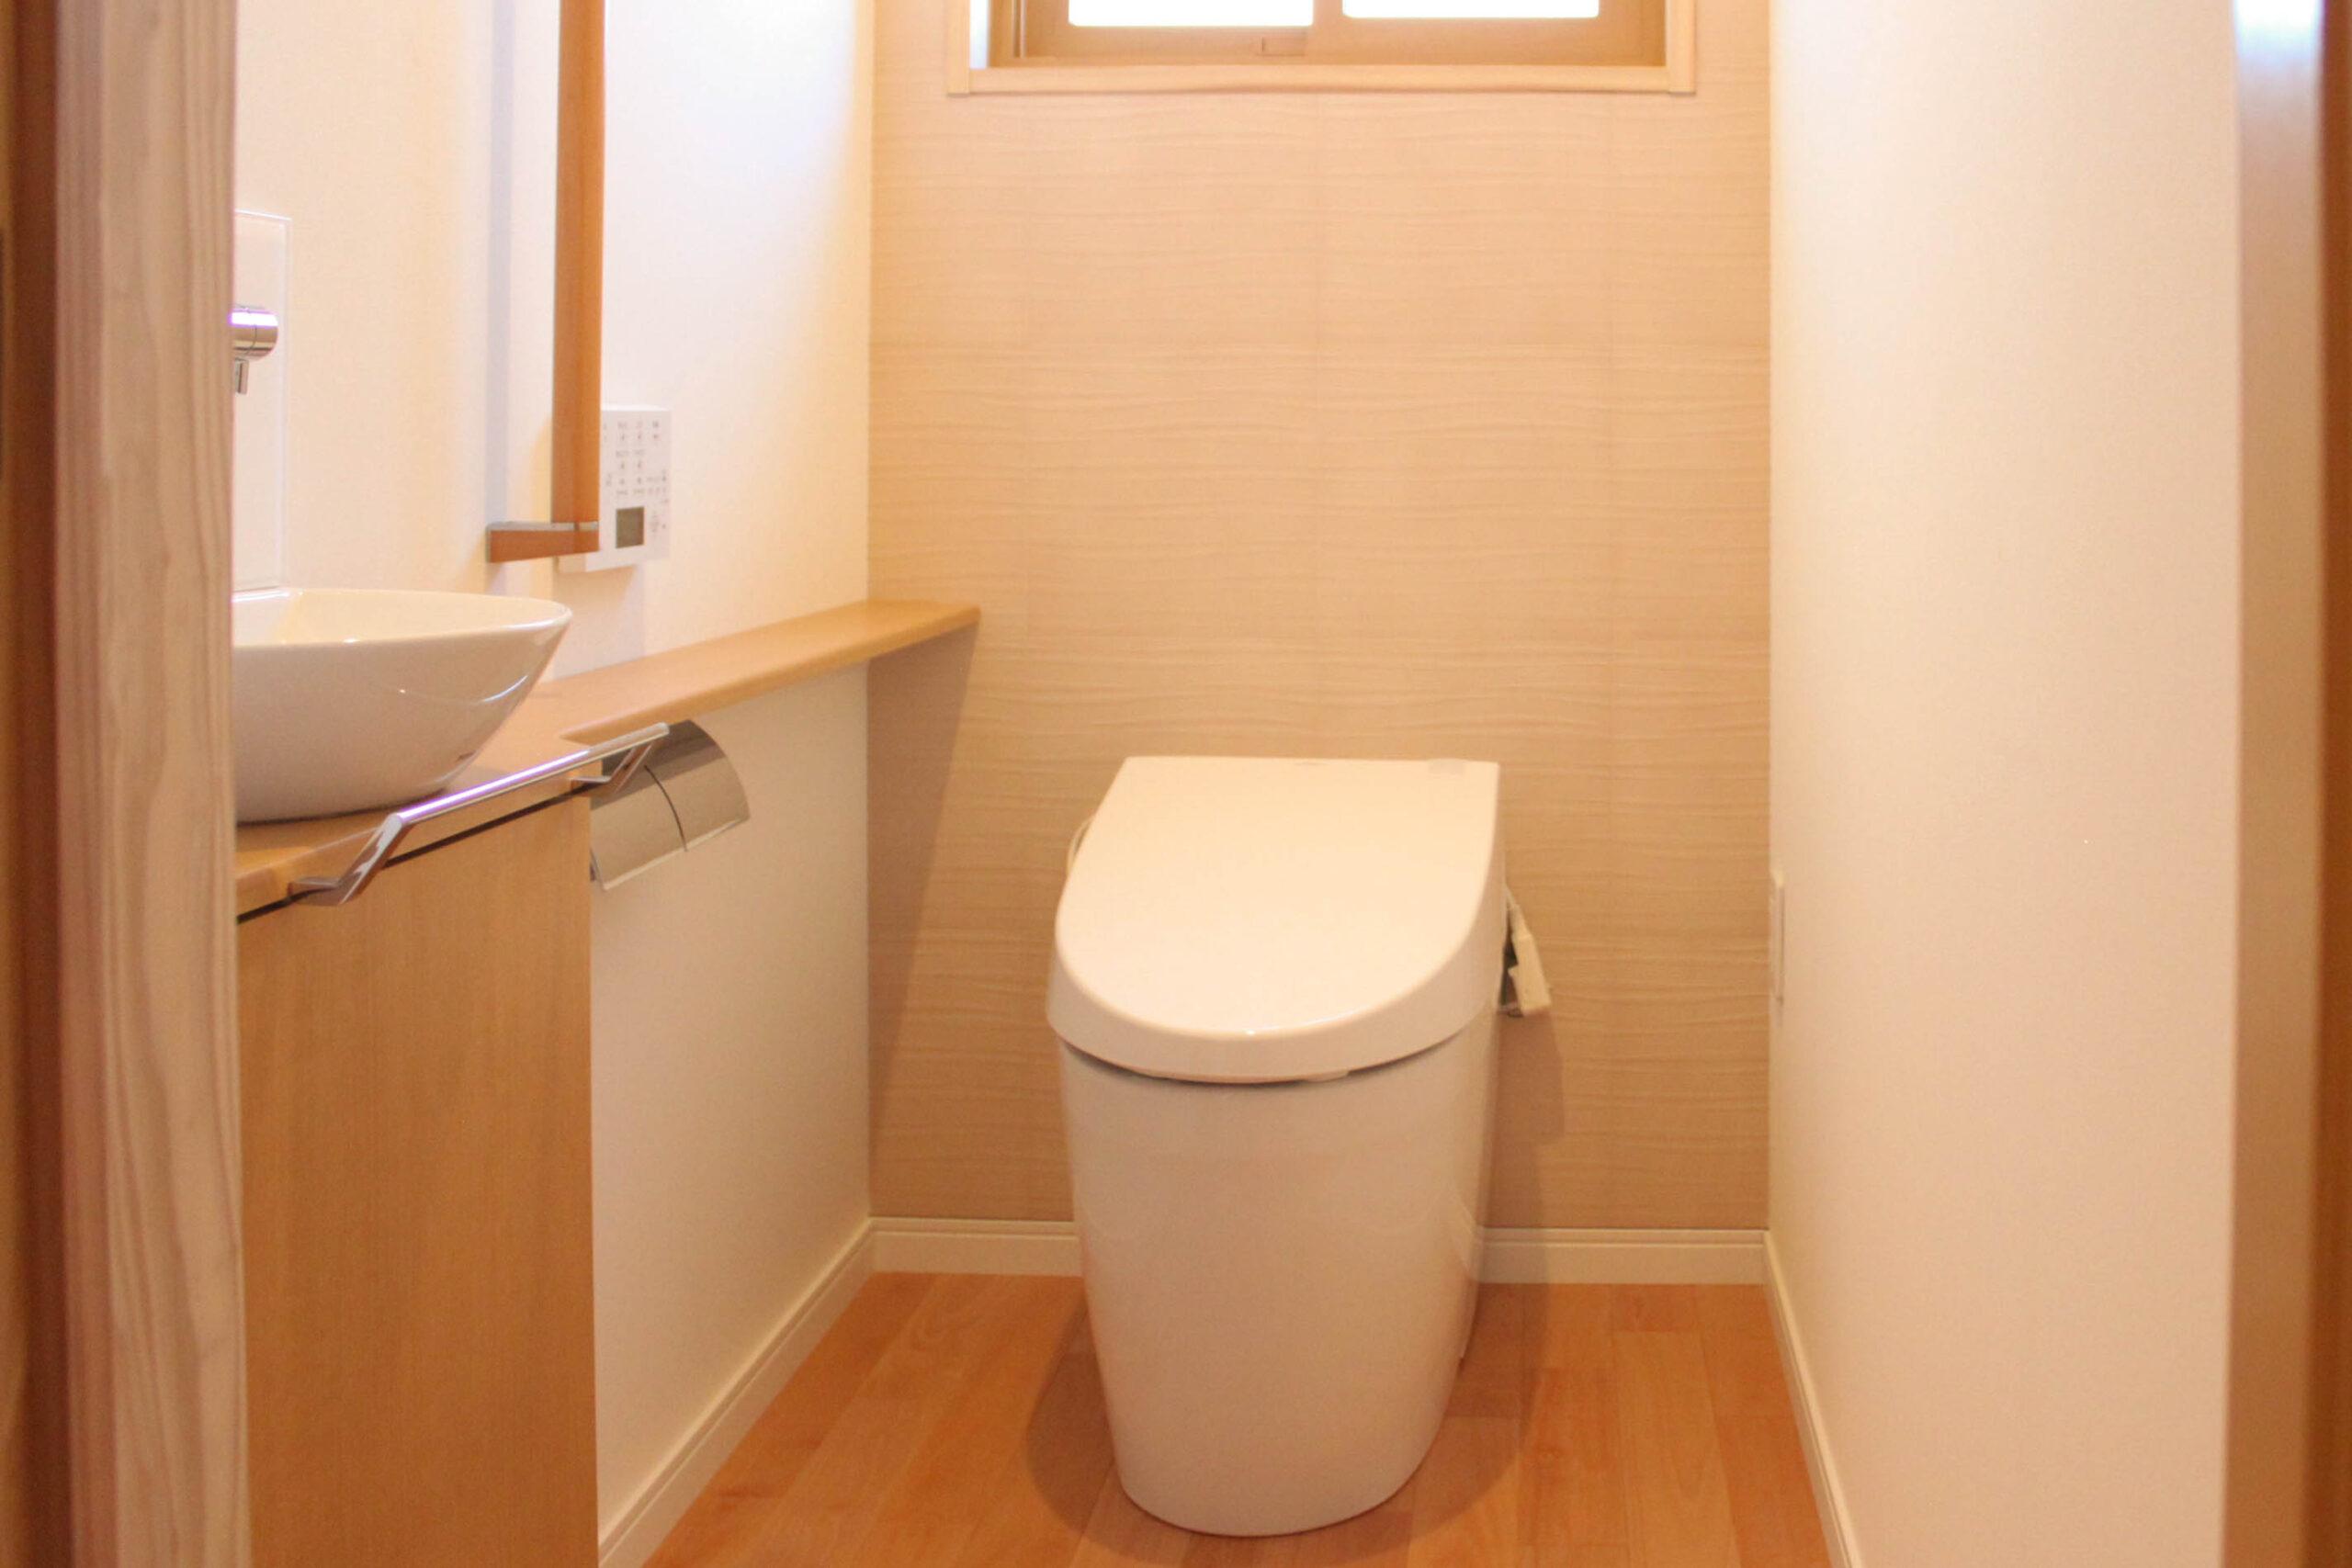 佐賀市大和町 N様 住宅改修工事 『暮らす家から楽しむ家へ』